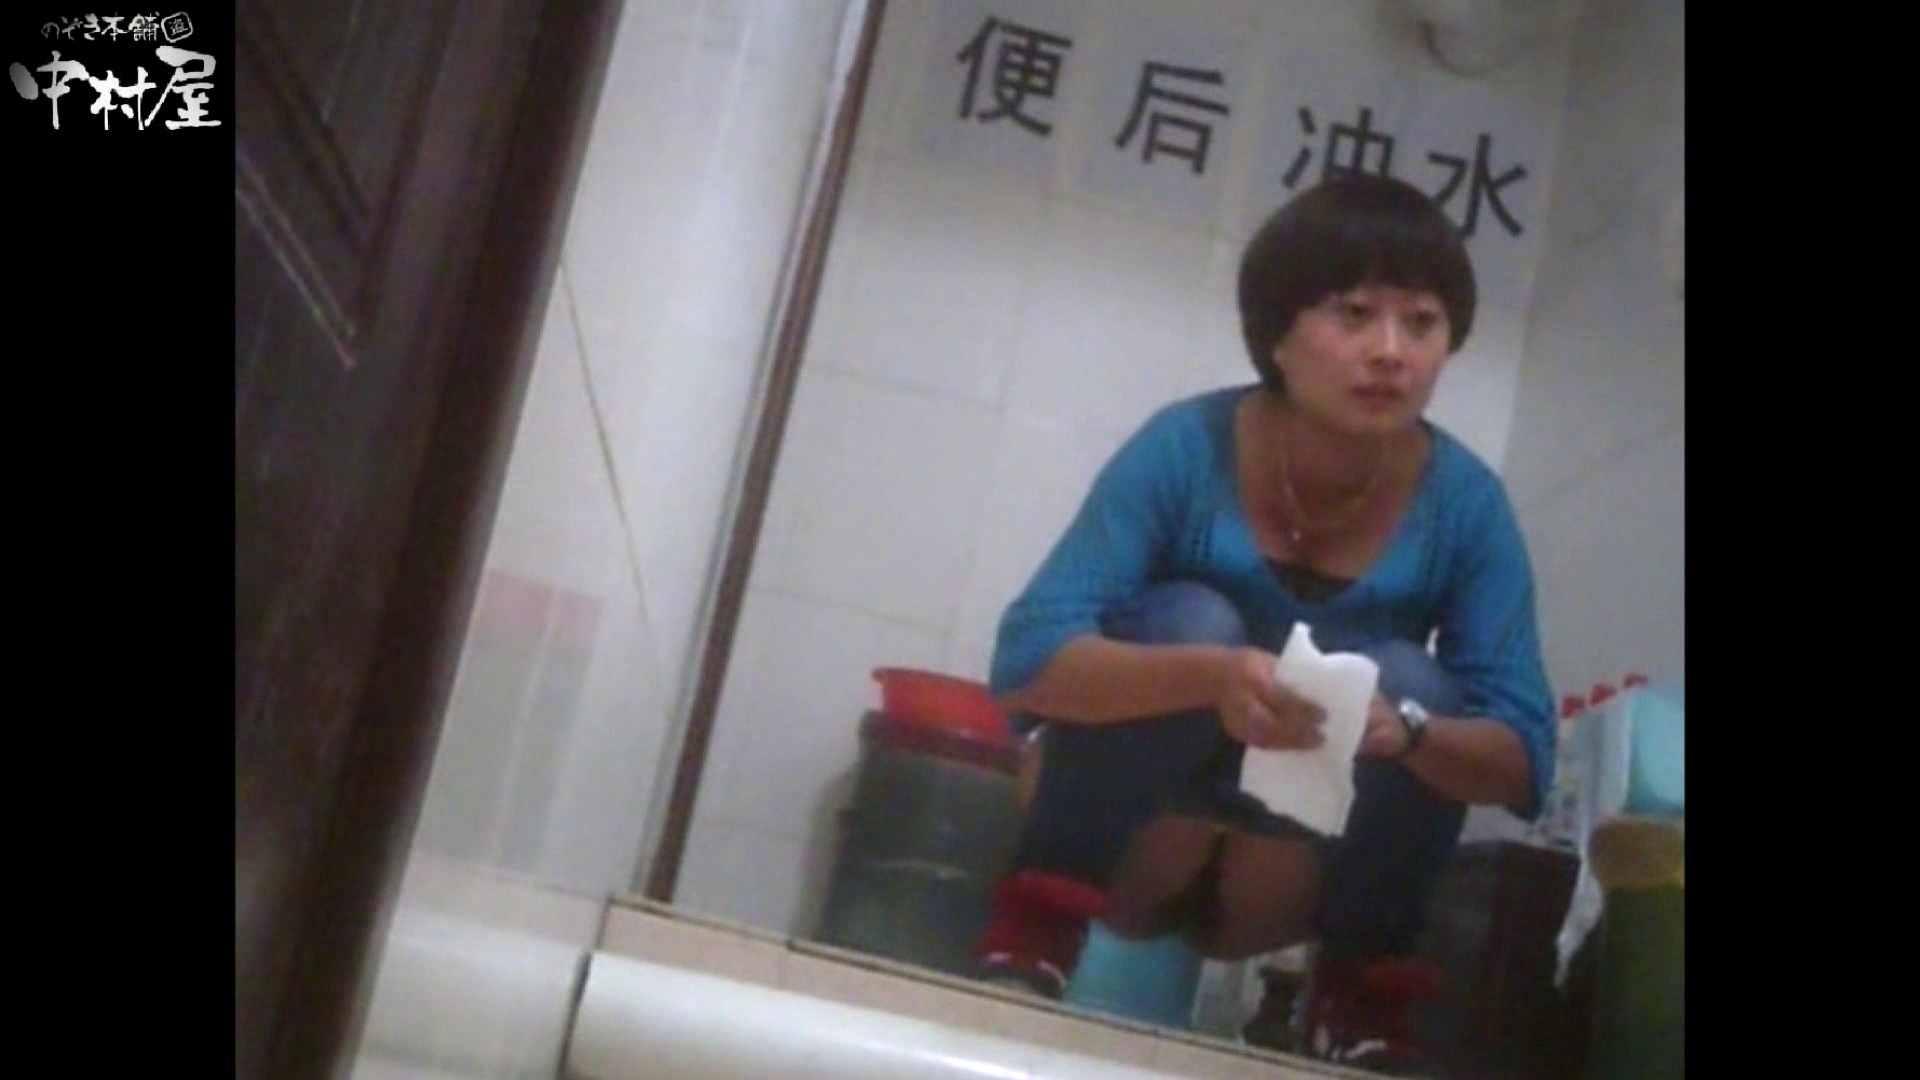 李さんの盗撮日記 Vol.12 和式 盗み撮りAV無料動画キャプチャ 78画像 49